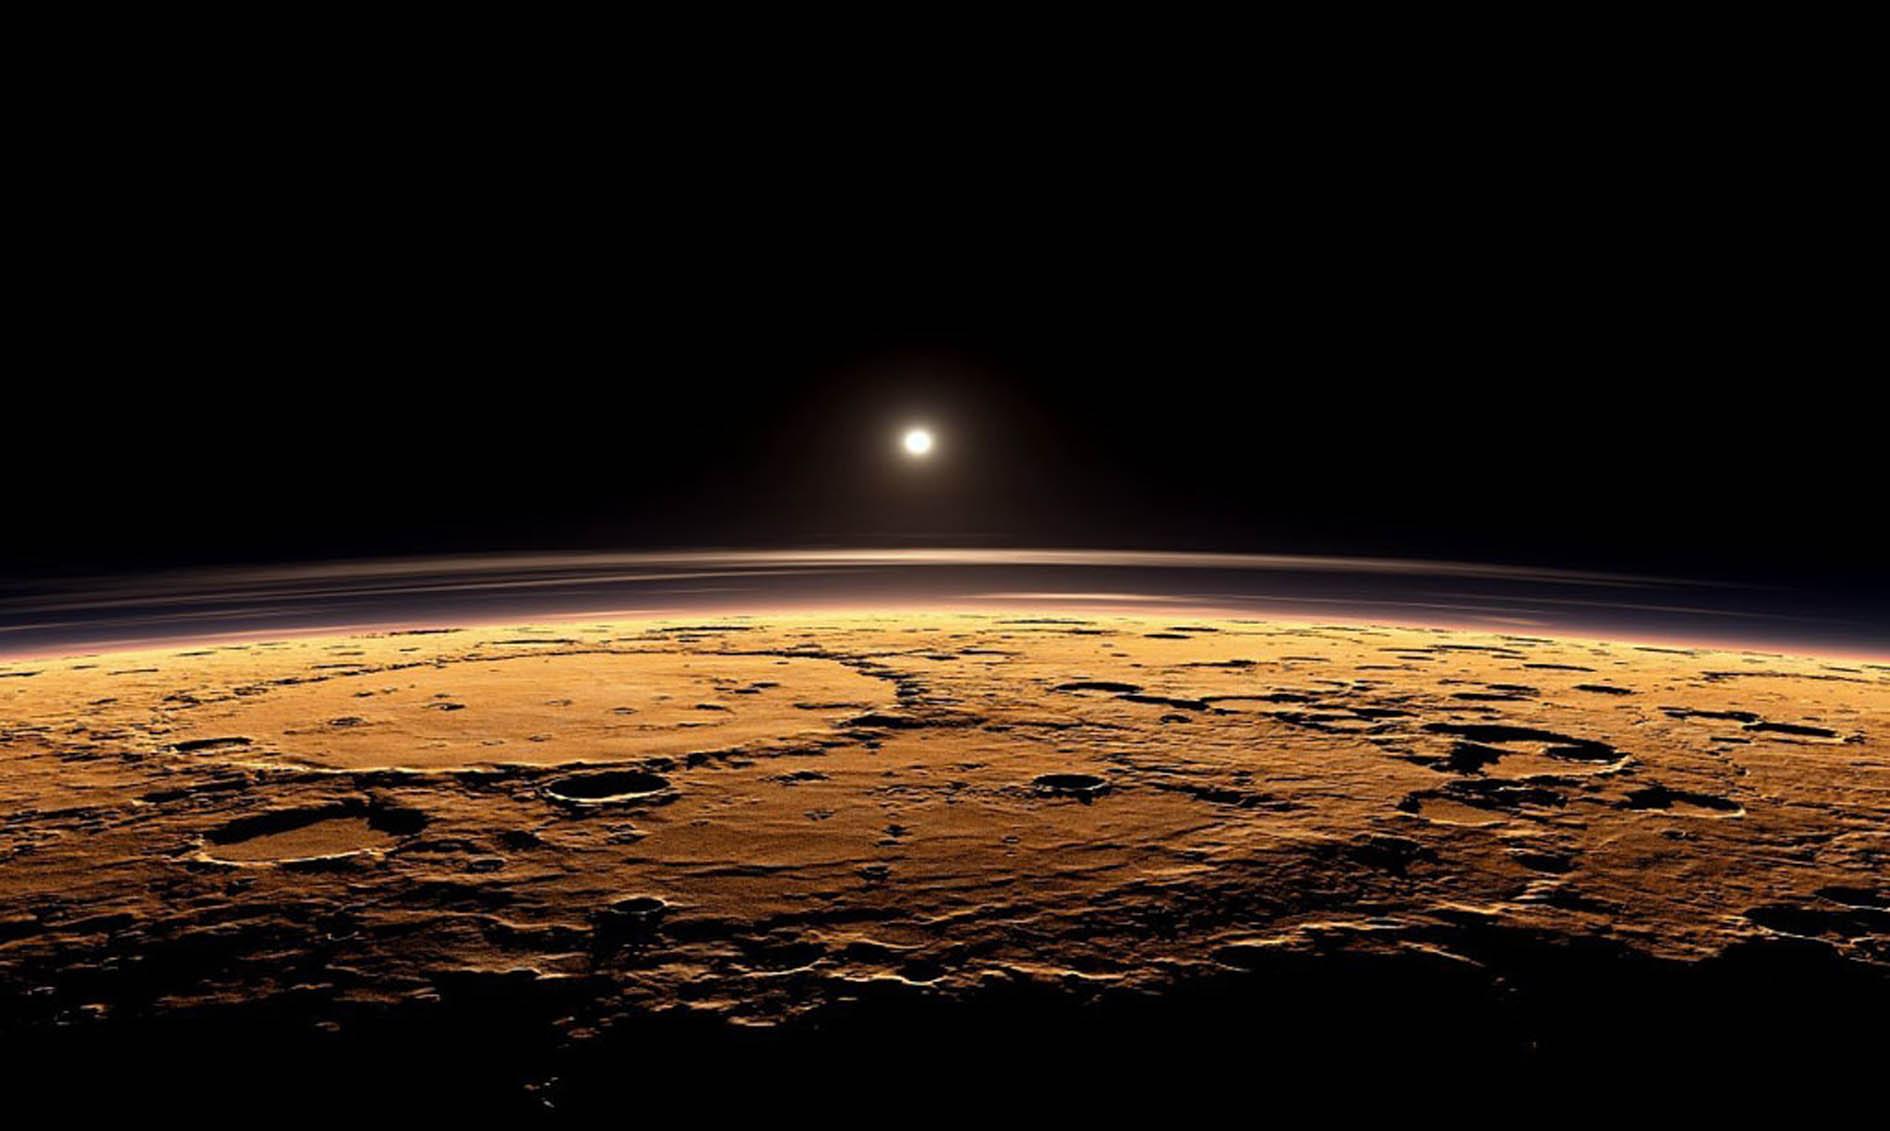 殖民火星没那么不简单  人类要努力进化去适应太空